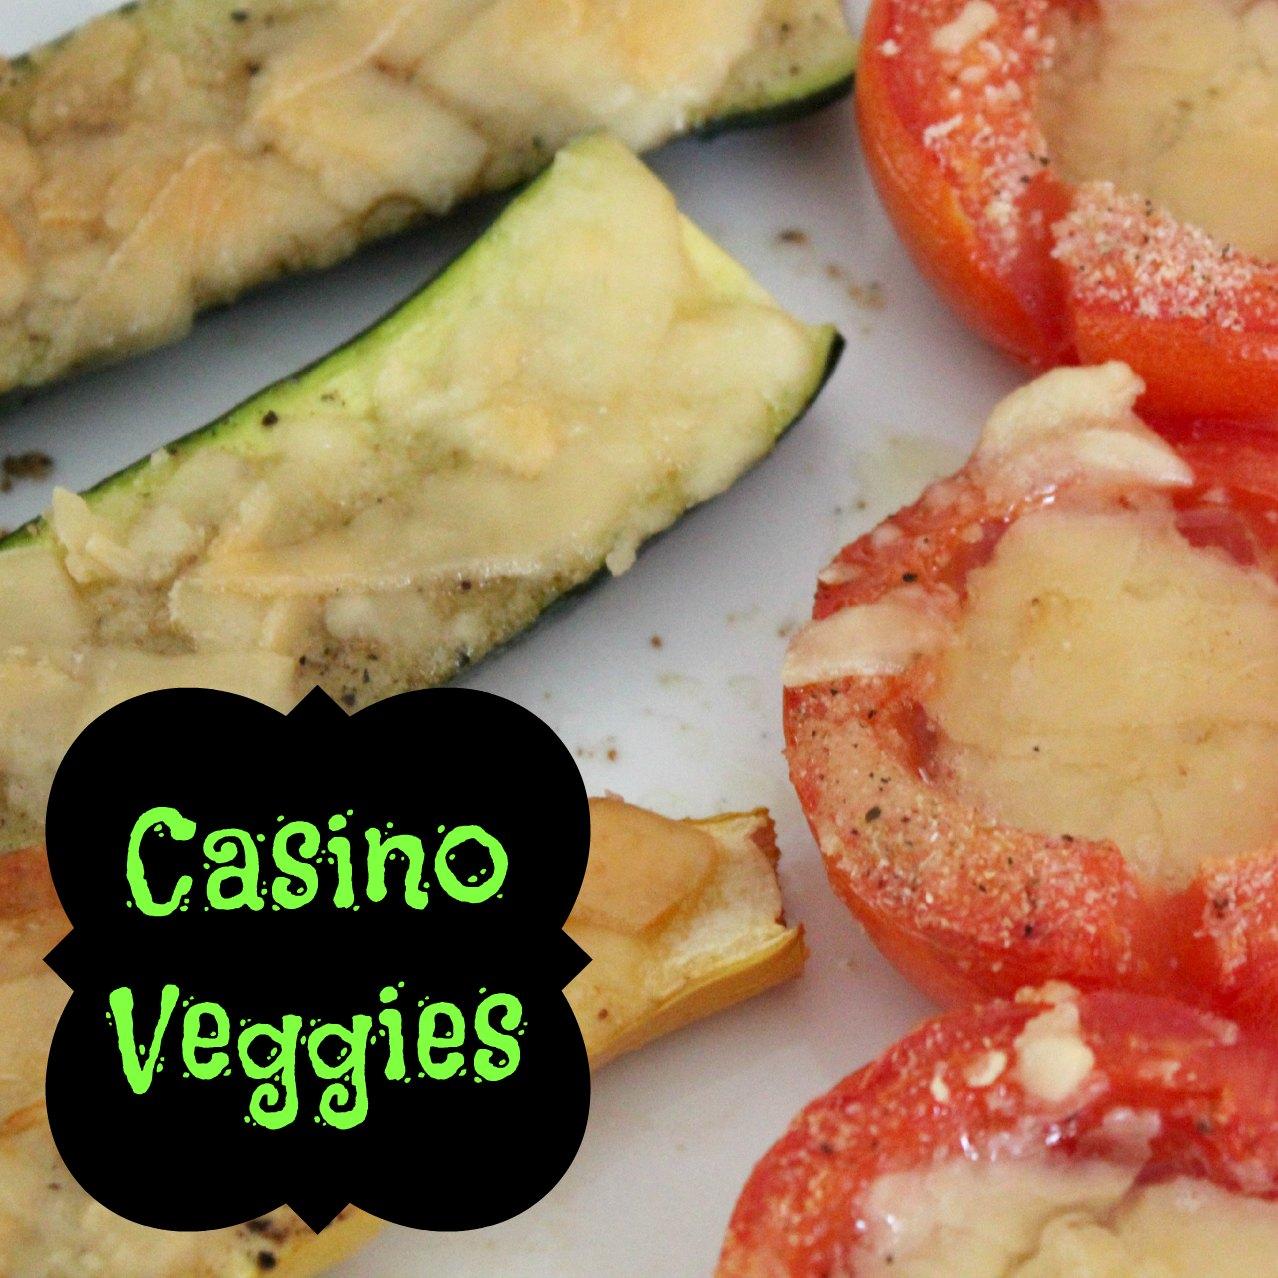 Casino veggies